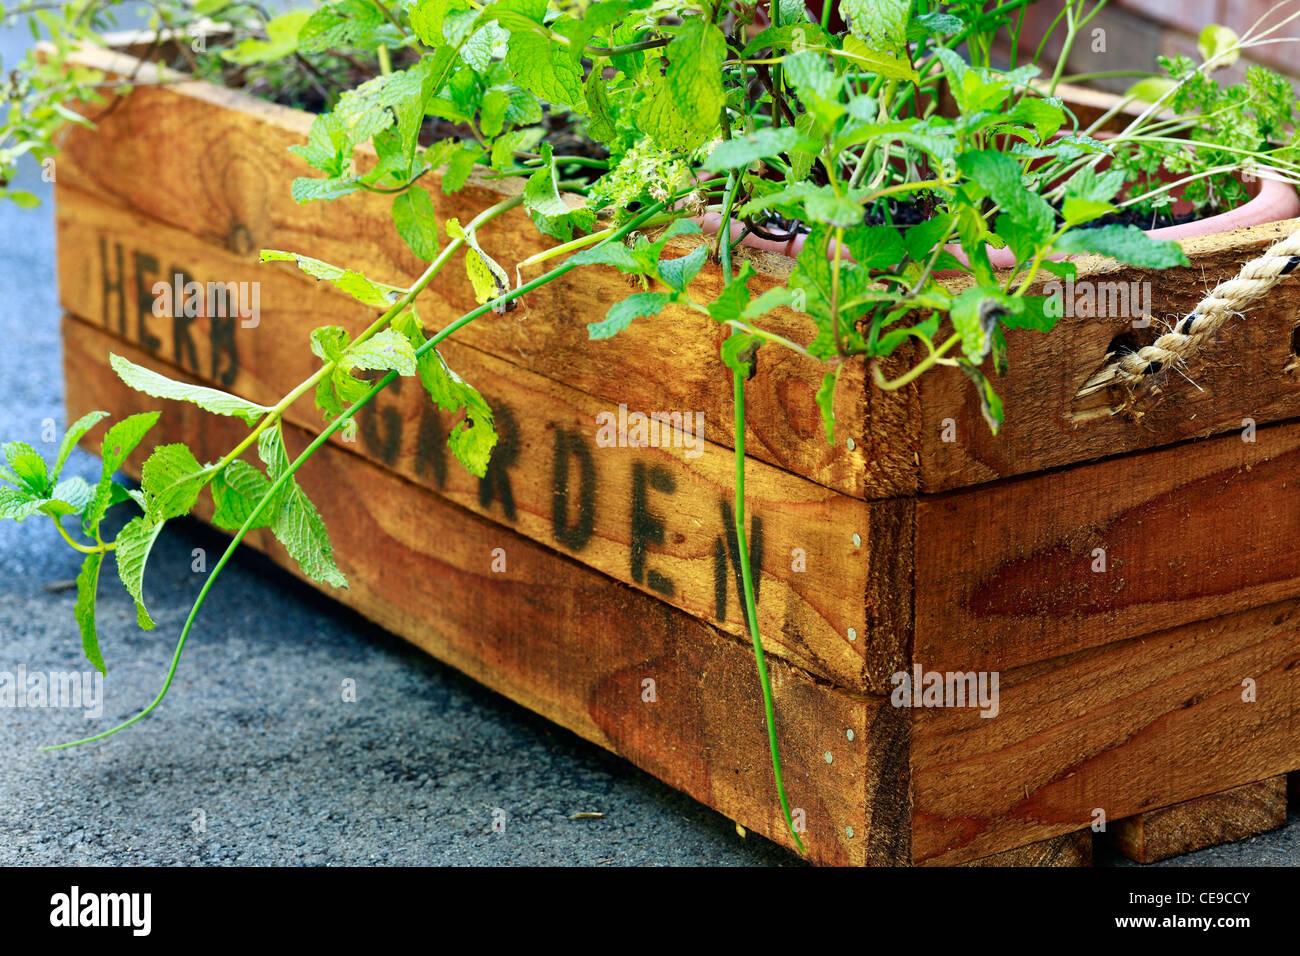 Giardino delle Erbe. Rustico cassa di legno per vasi di erbe aromatiche. Immagini Stock